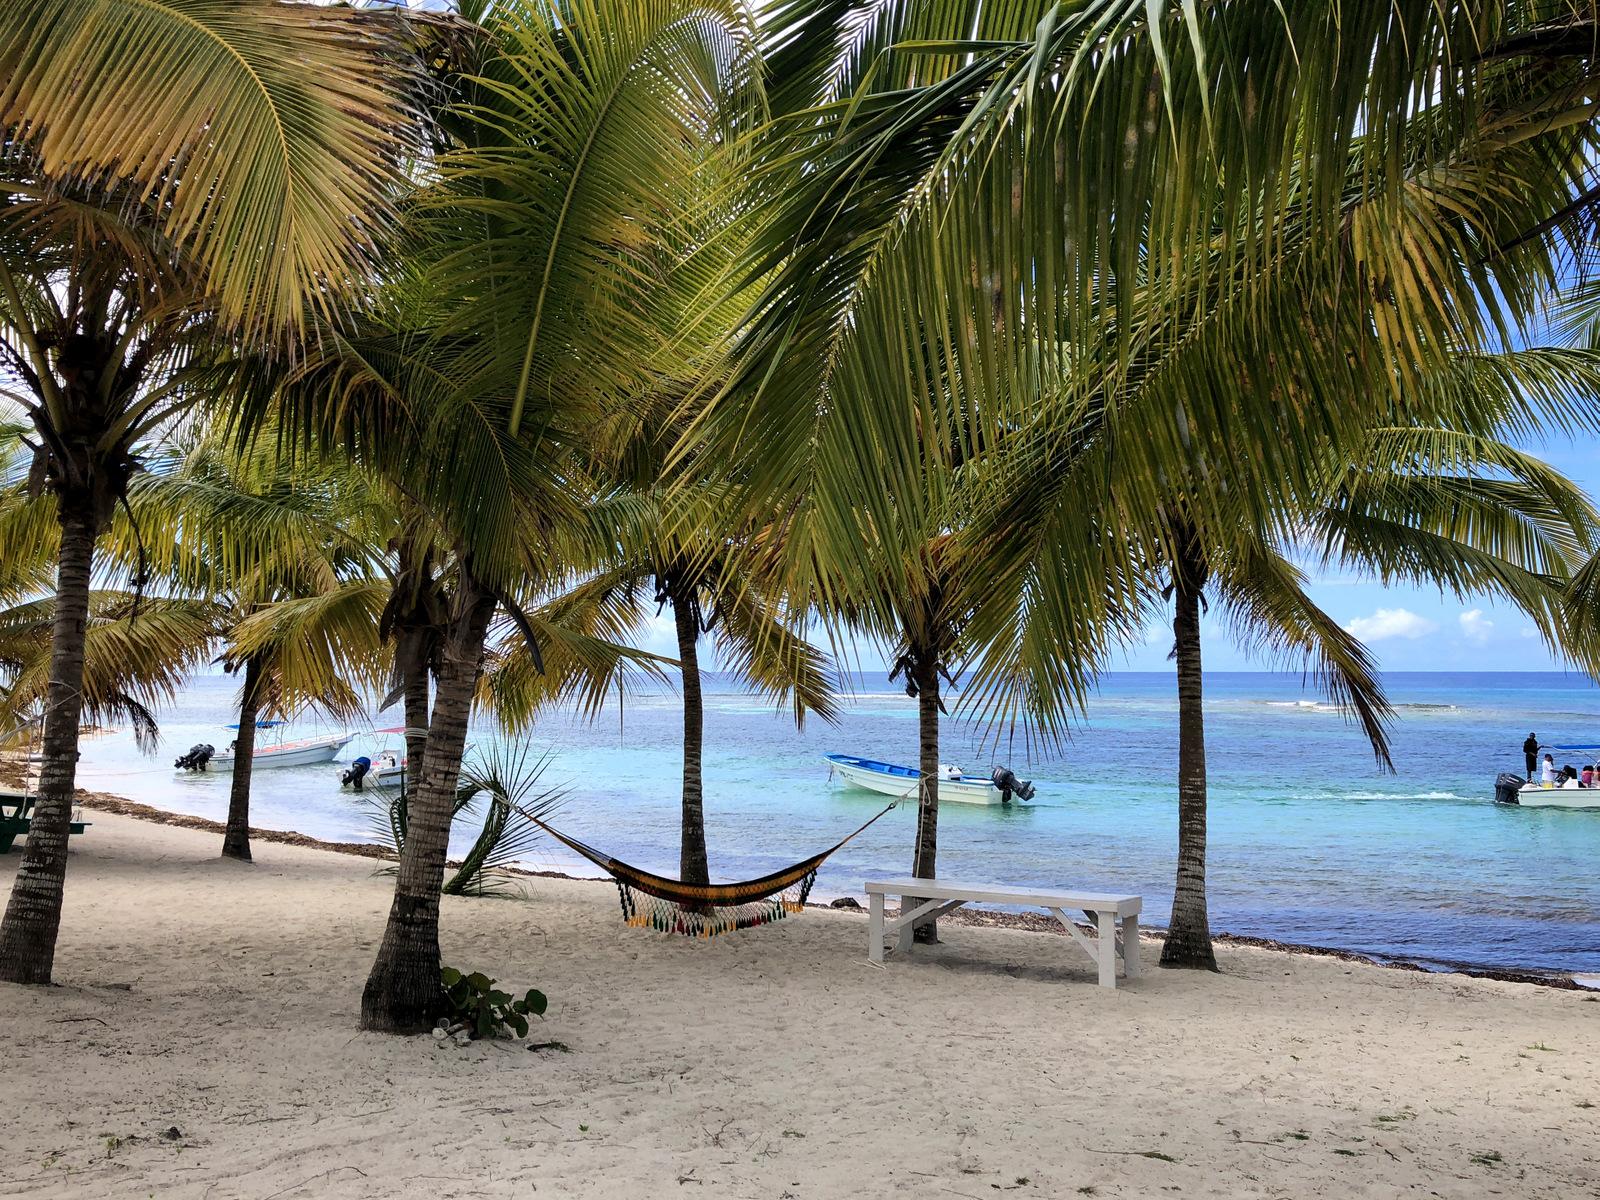 Преимущества отдыха в Мексике и Доминикане